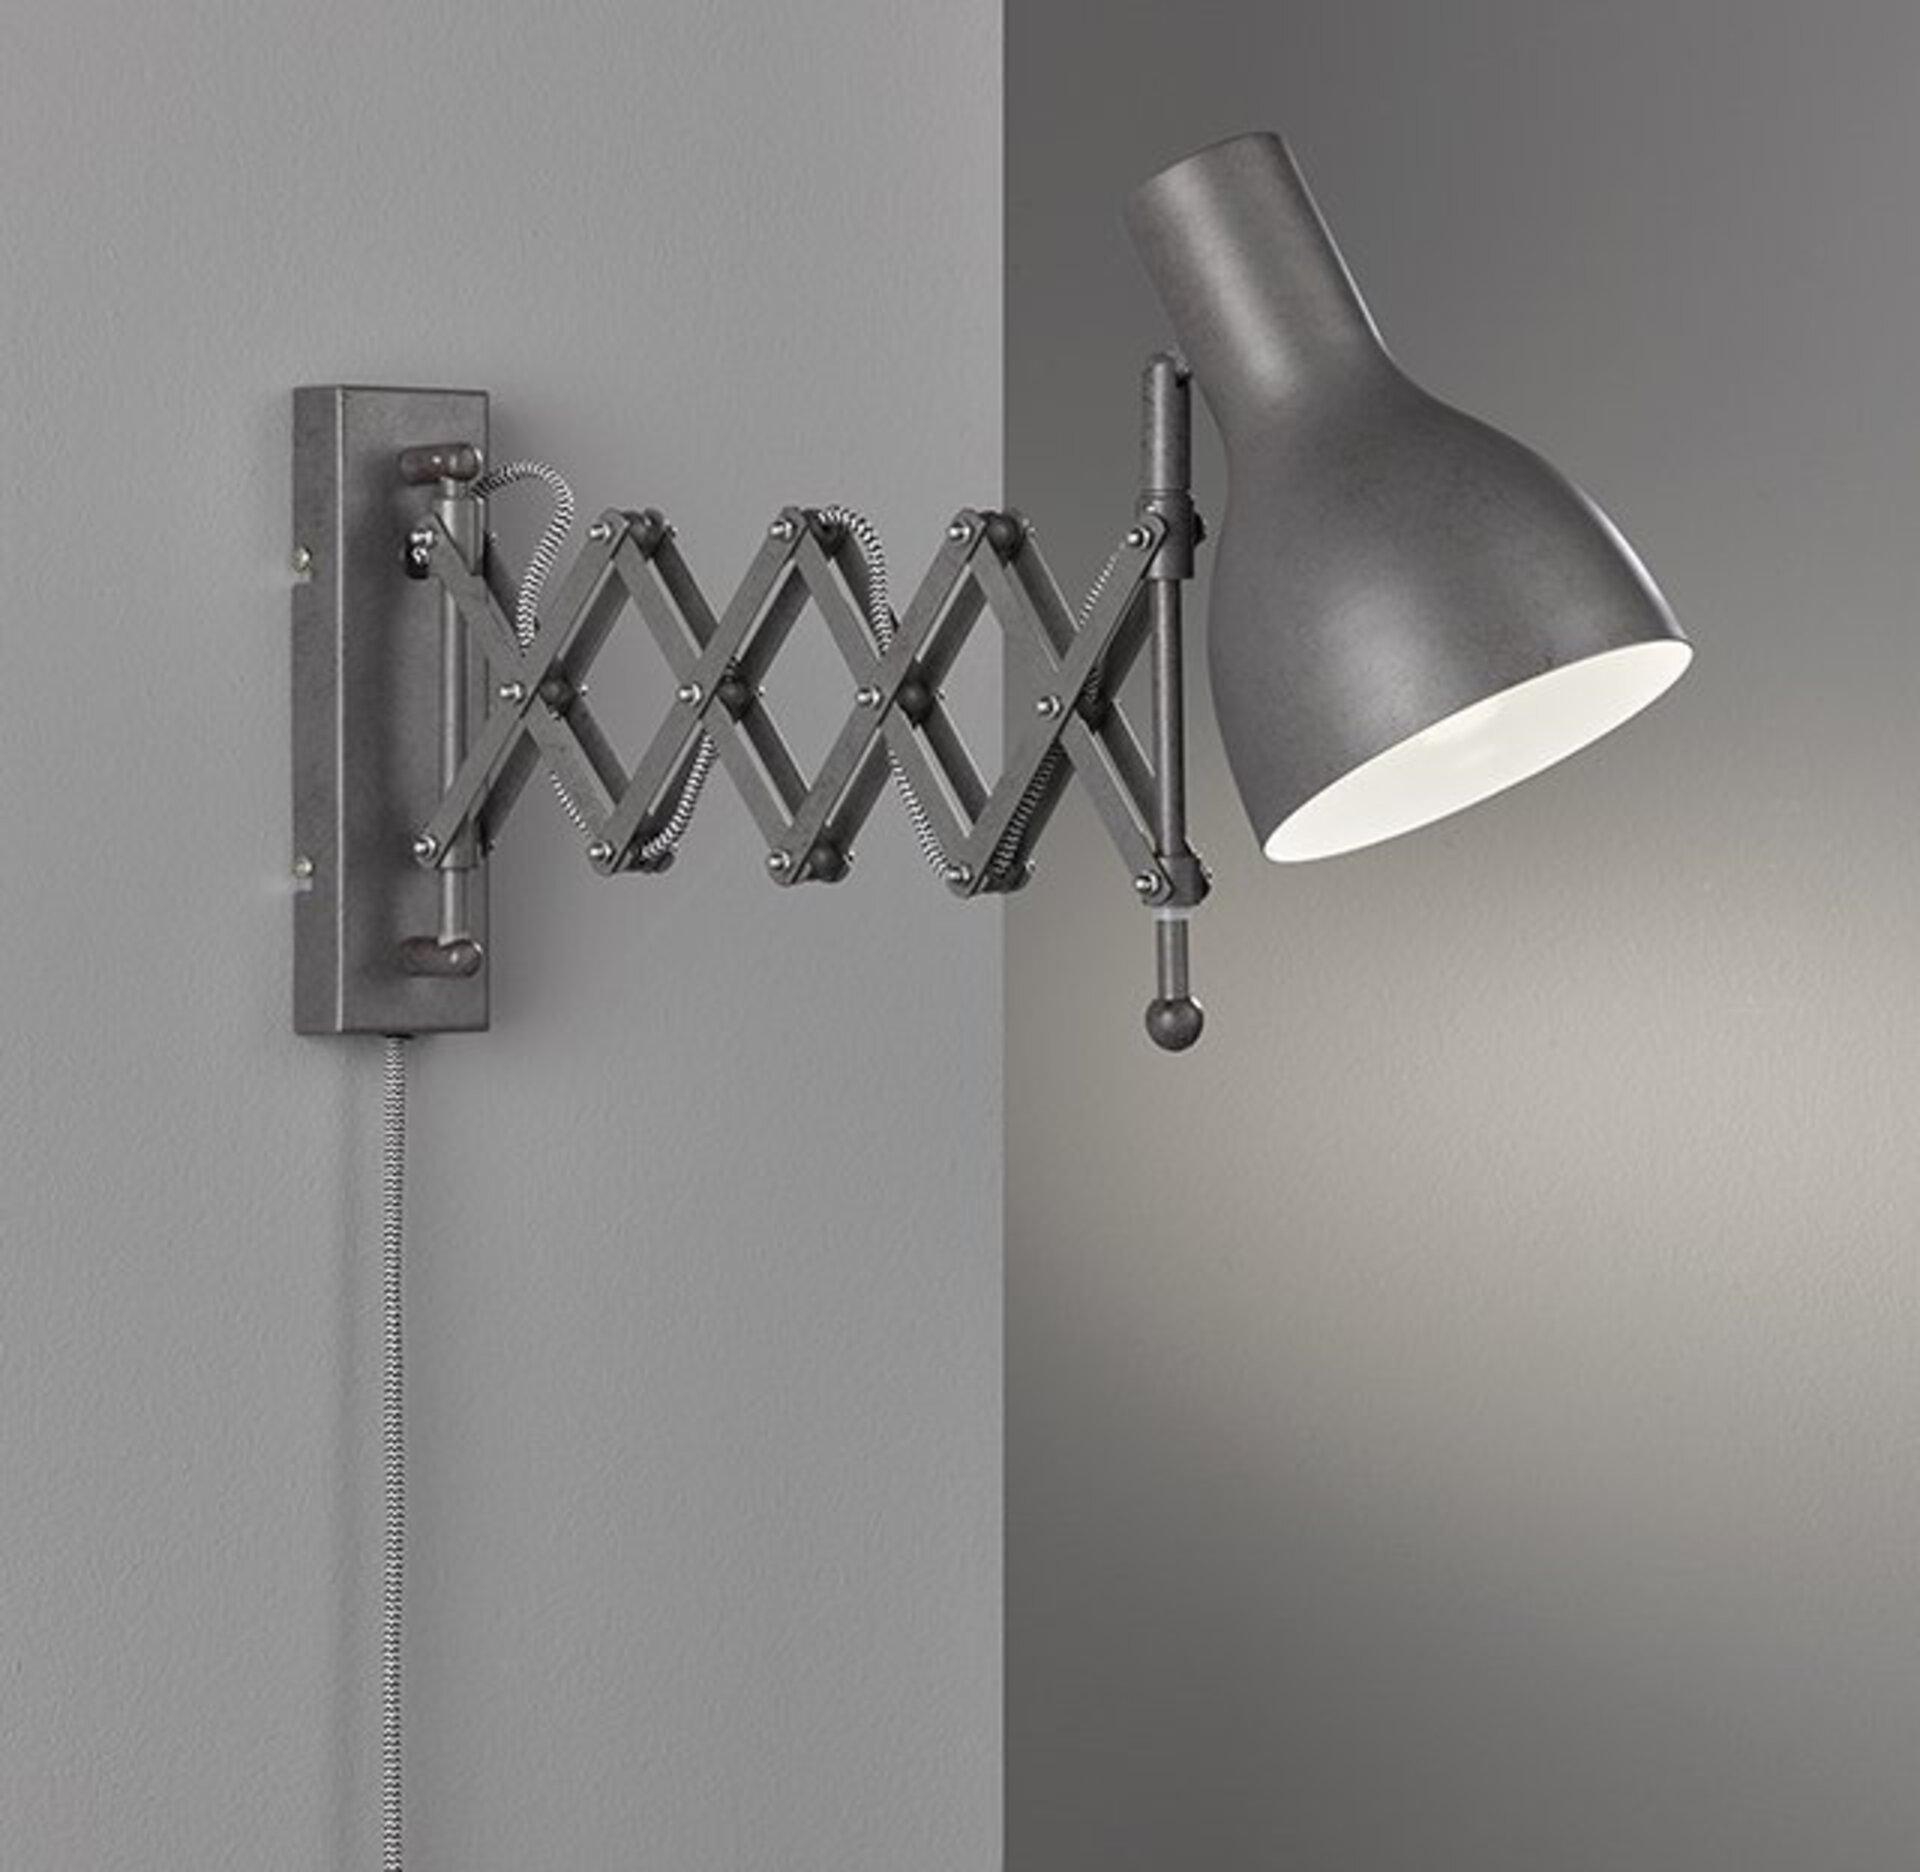 Wandleuchte Pull Fischer-Honsel Metall braun 14 x 19 x 60 cm